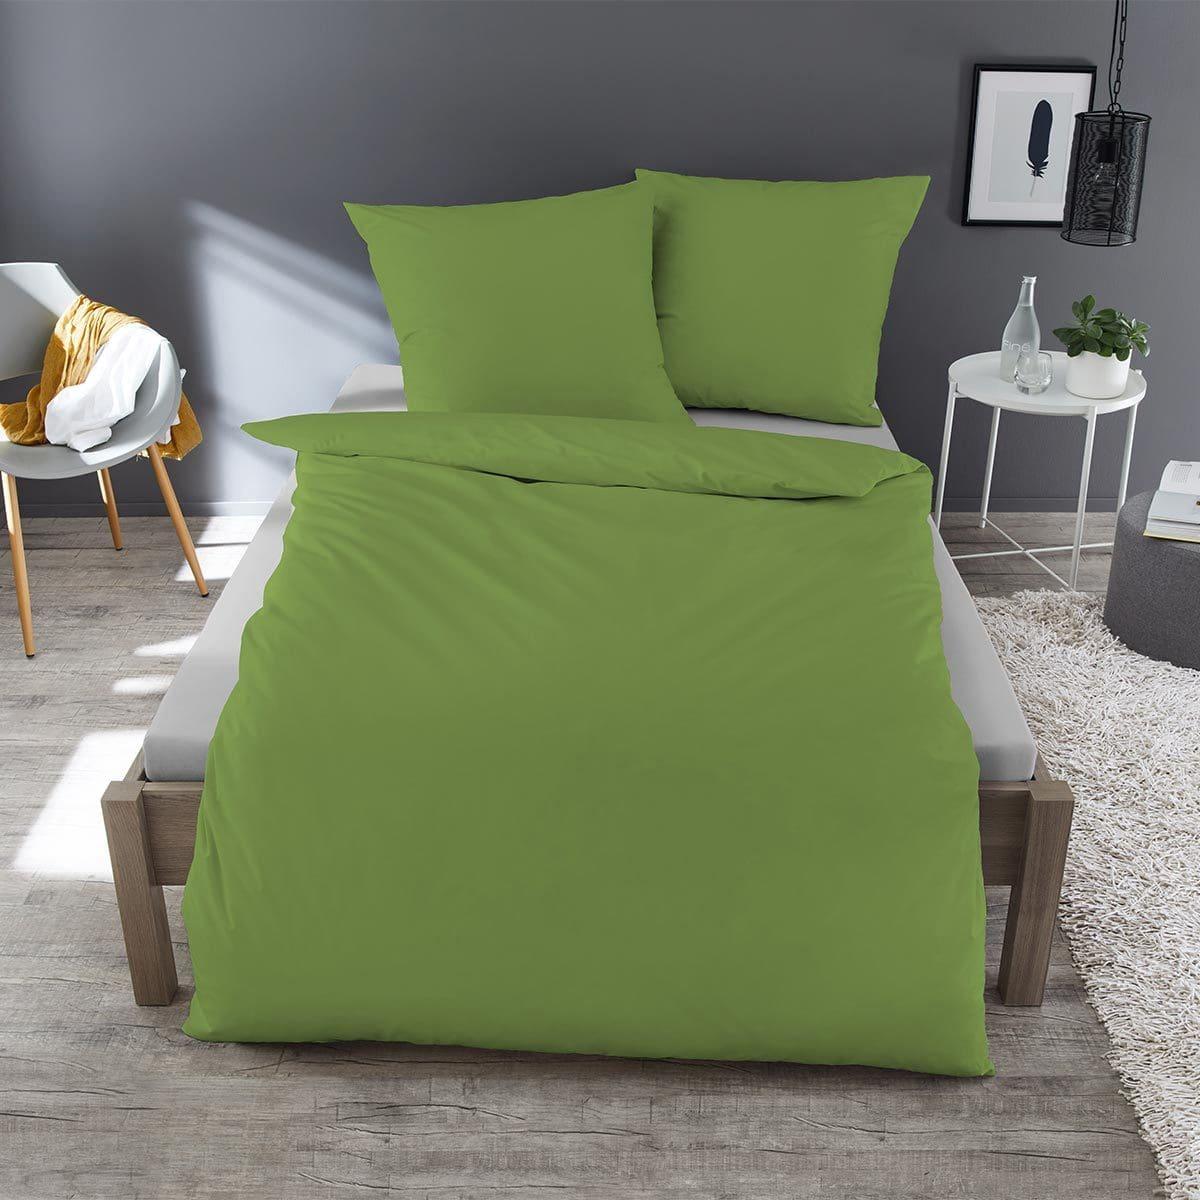 Traumschlaf Uni Mako Satin Bettwäsche Grün Günstig Online Kaufen Bei